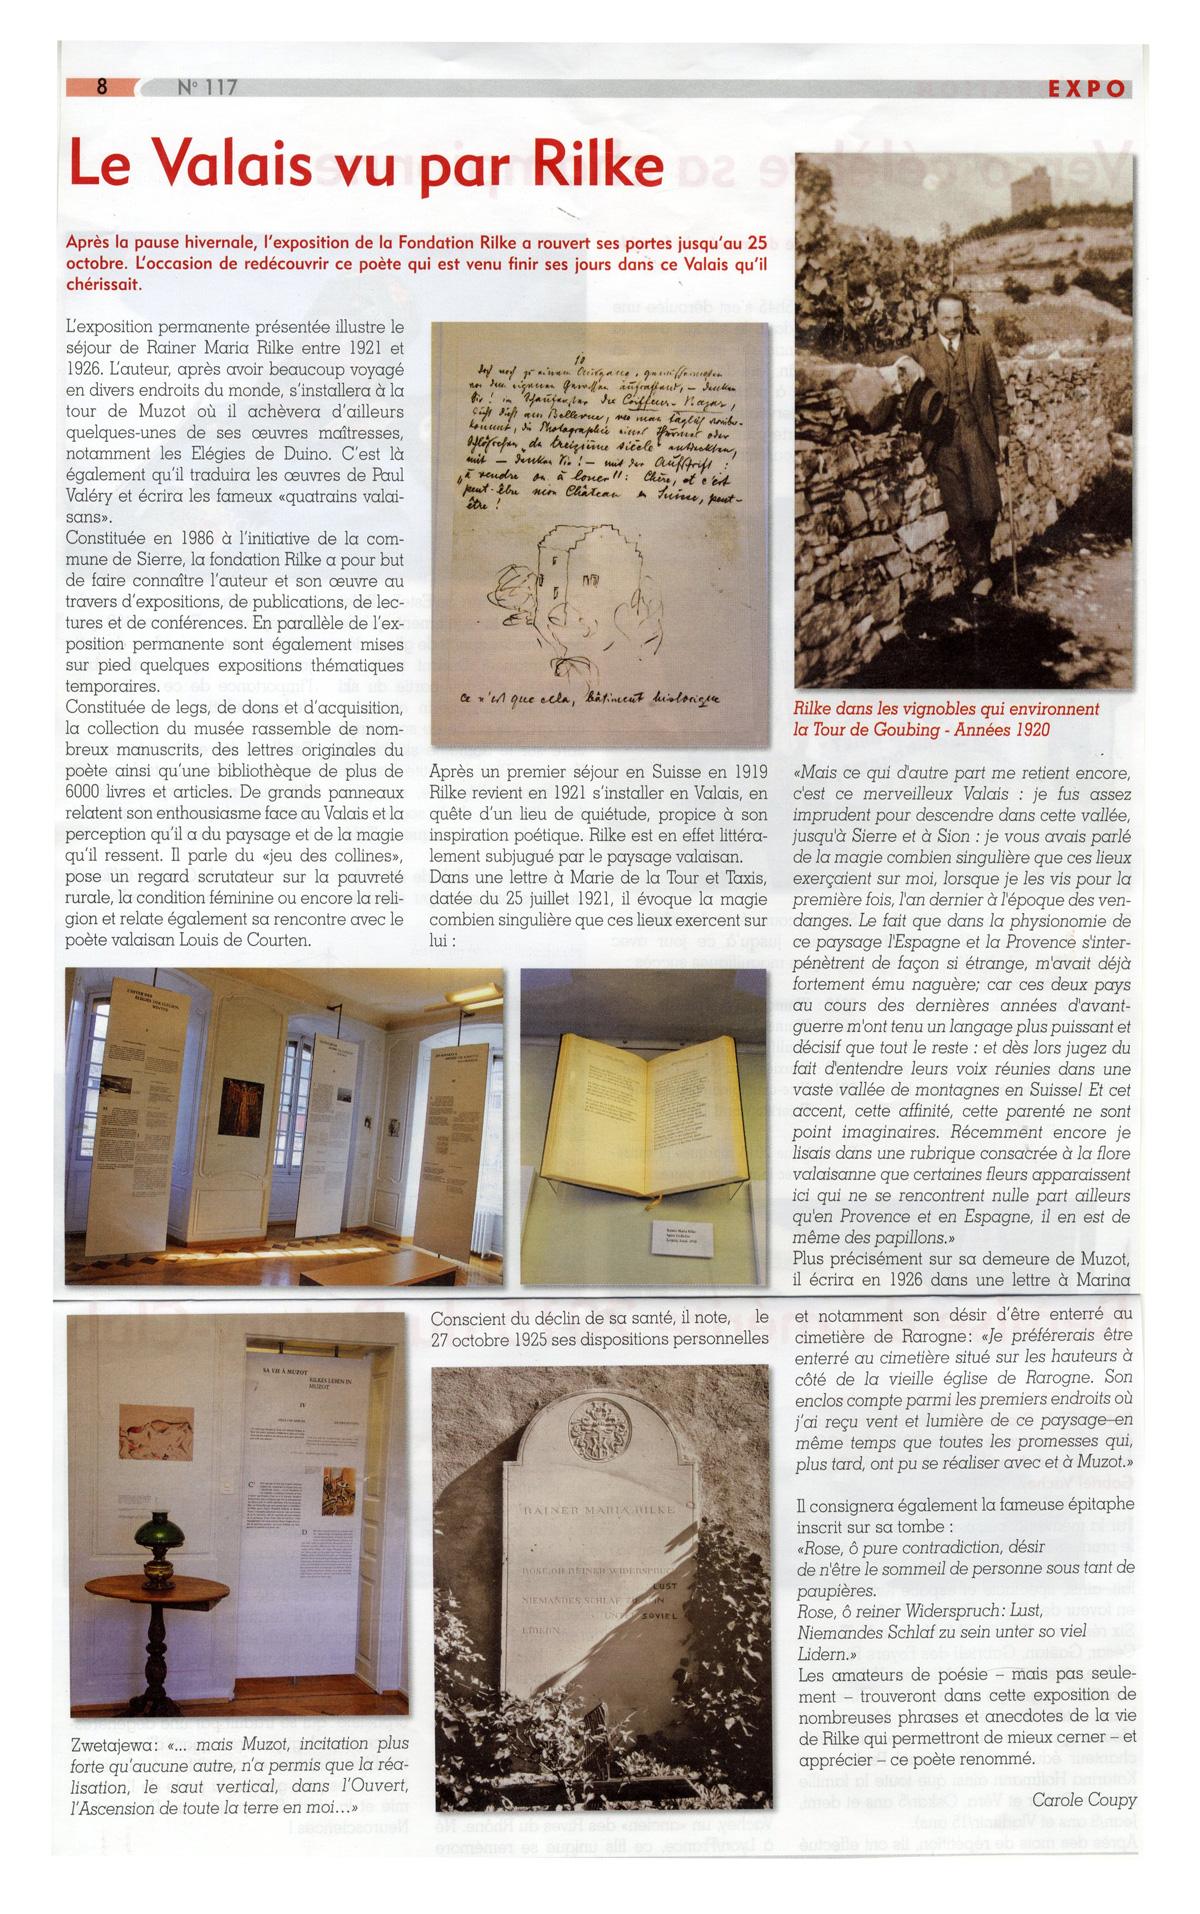 Artikel: Das Wallis gesehen von Rilke